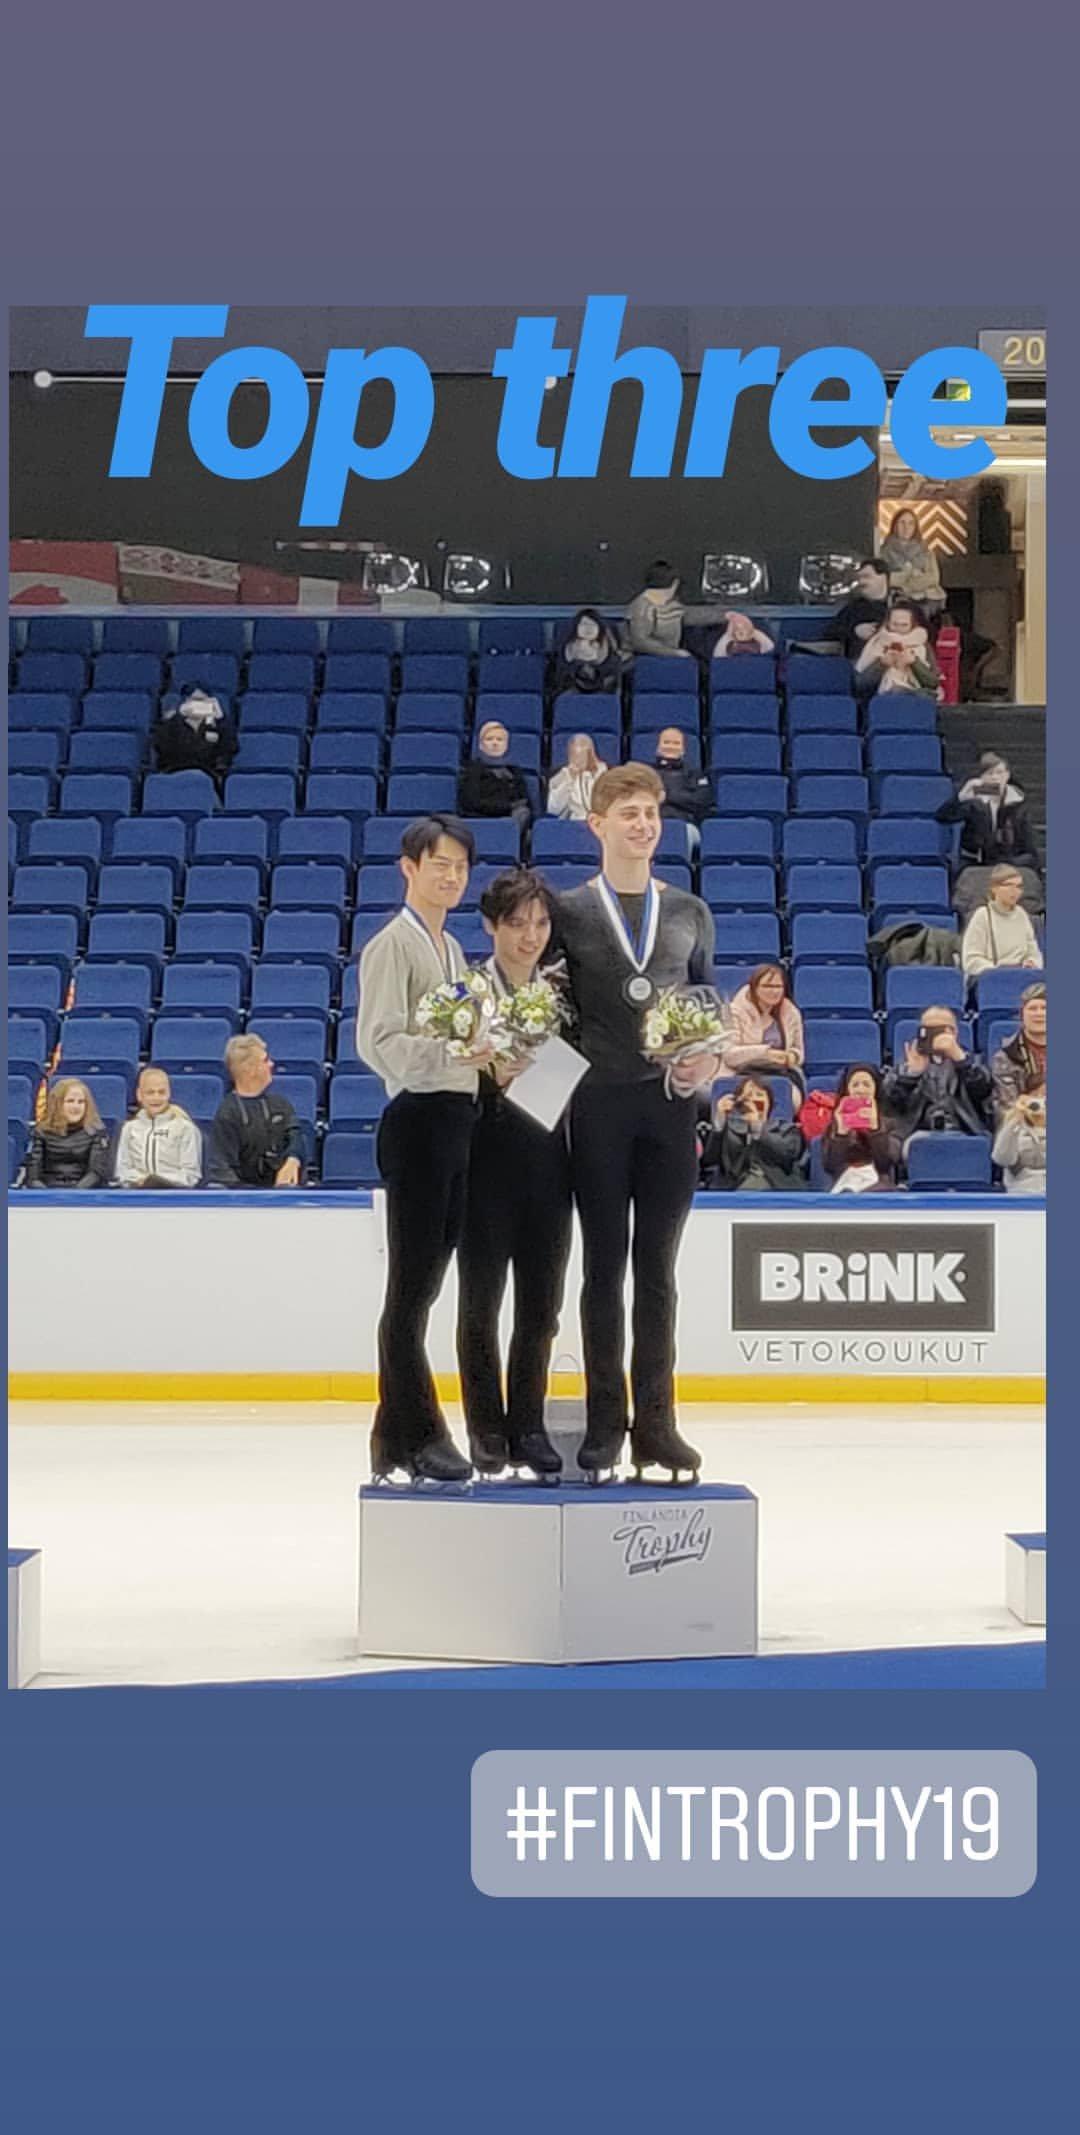 Challenger (6) - Finlandia Trophy. Oct 11 - 13, 2019. Espoo /FIN      - Страница 10 EGspYLCU0AAQVIH?format=jpg&name=4096x4096